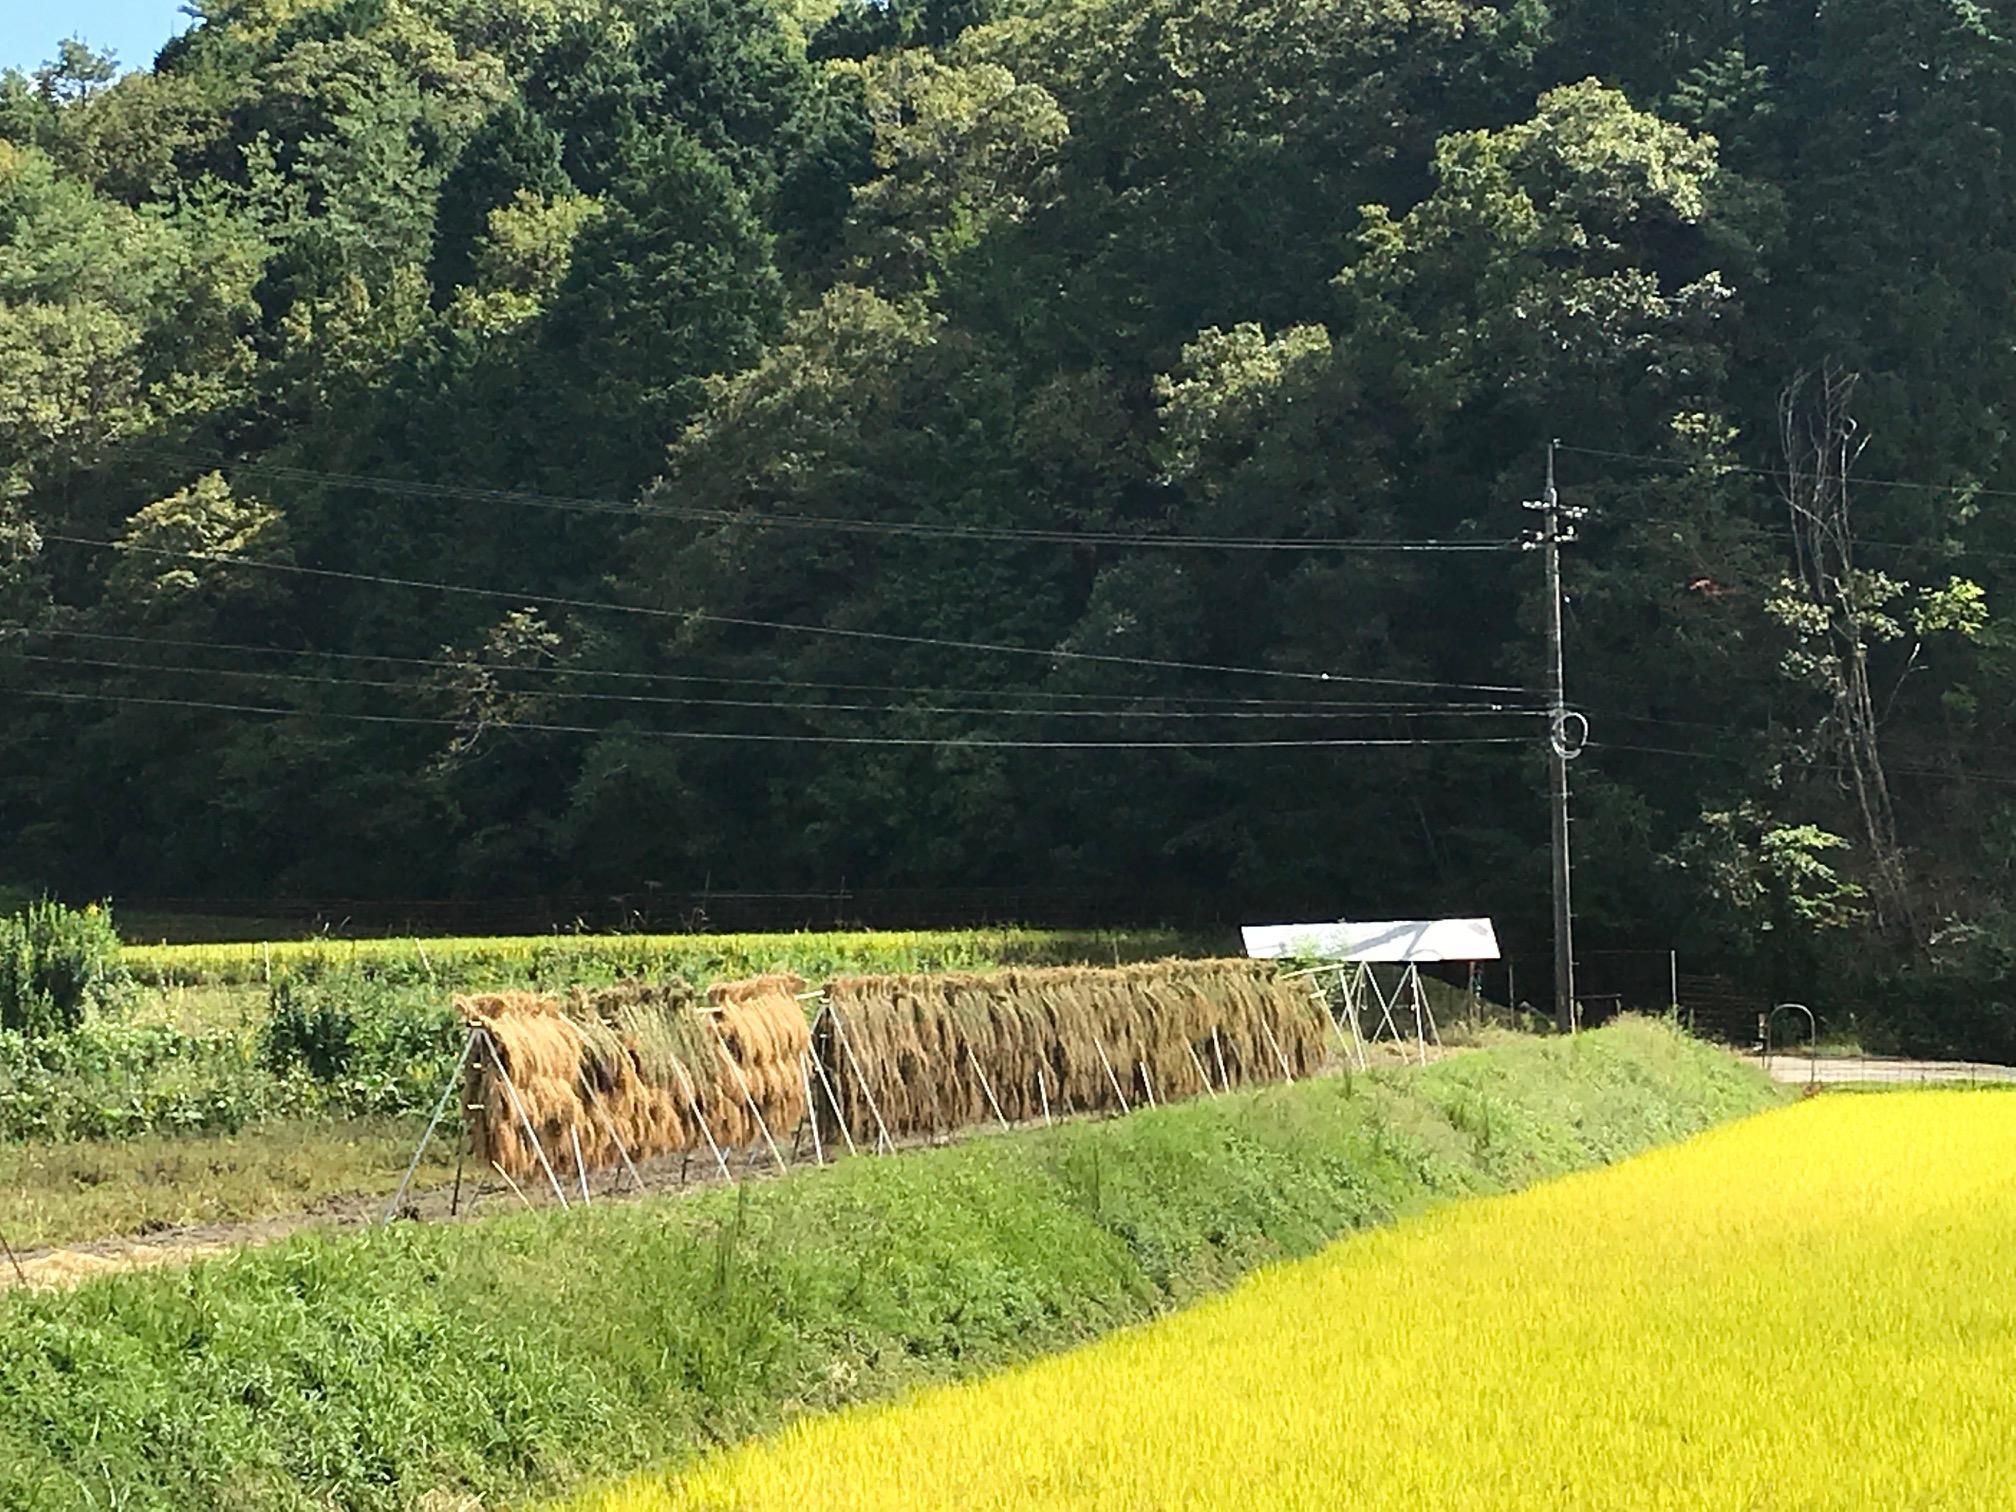 静耕舎目の前の農耕地